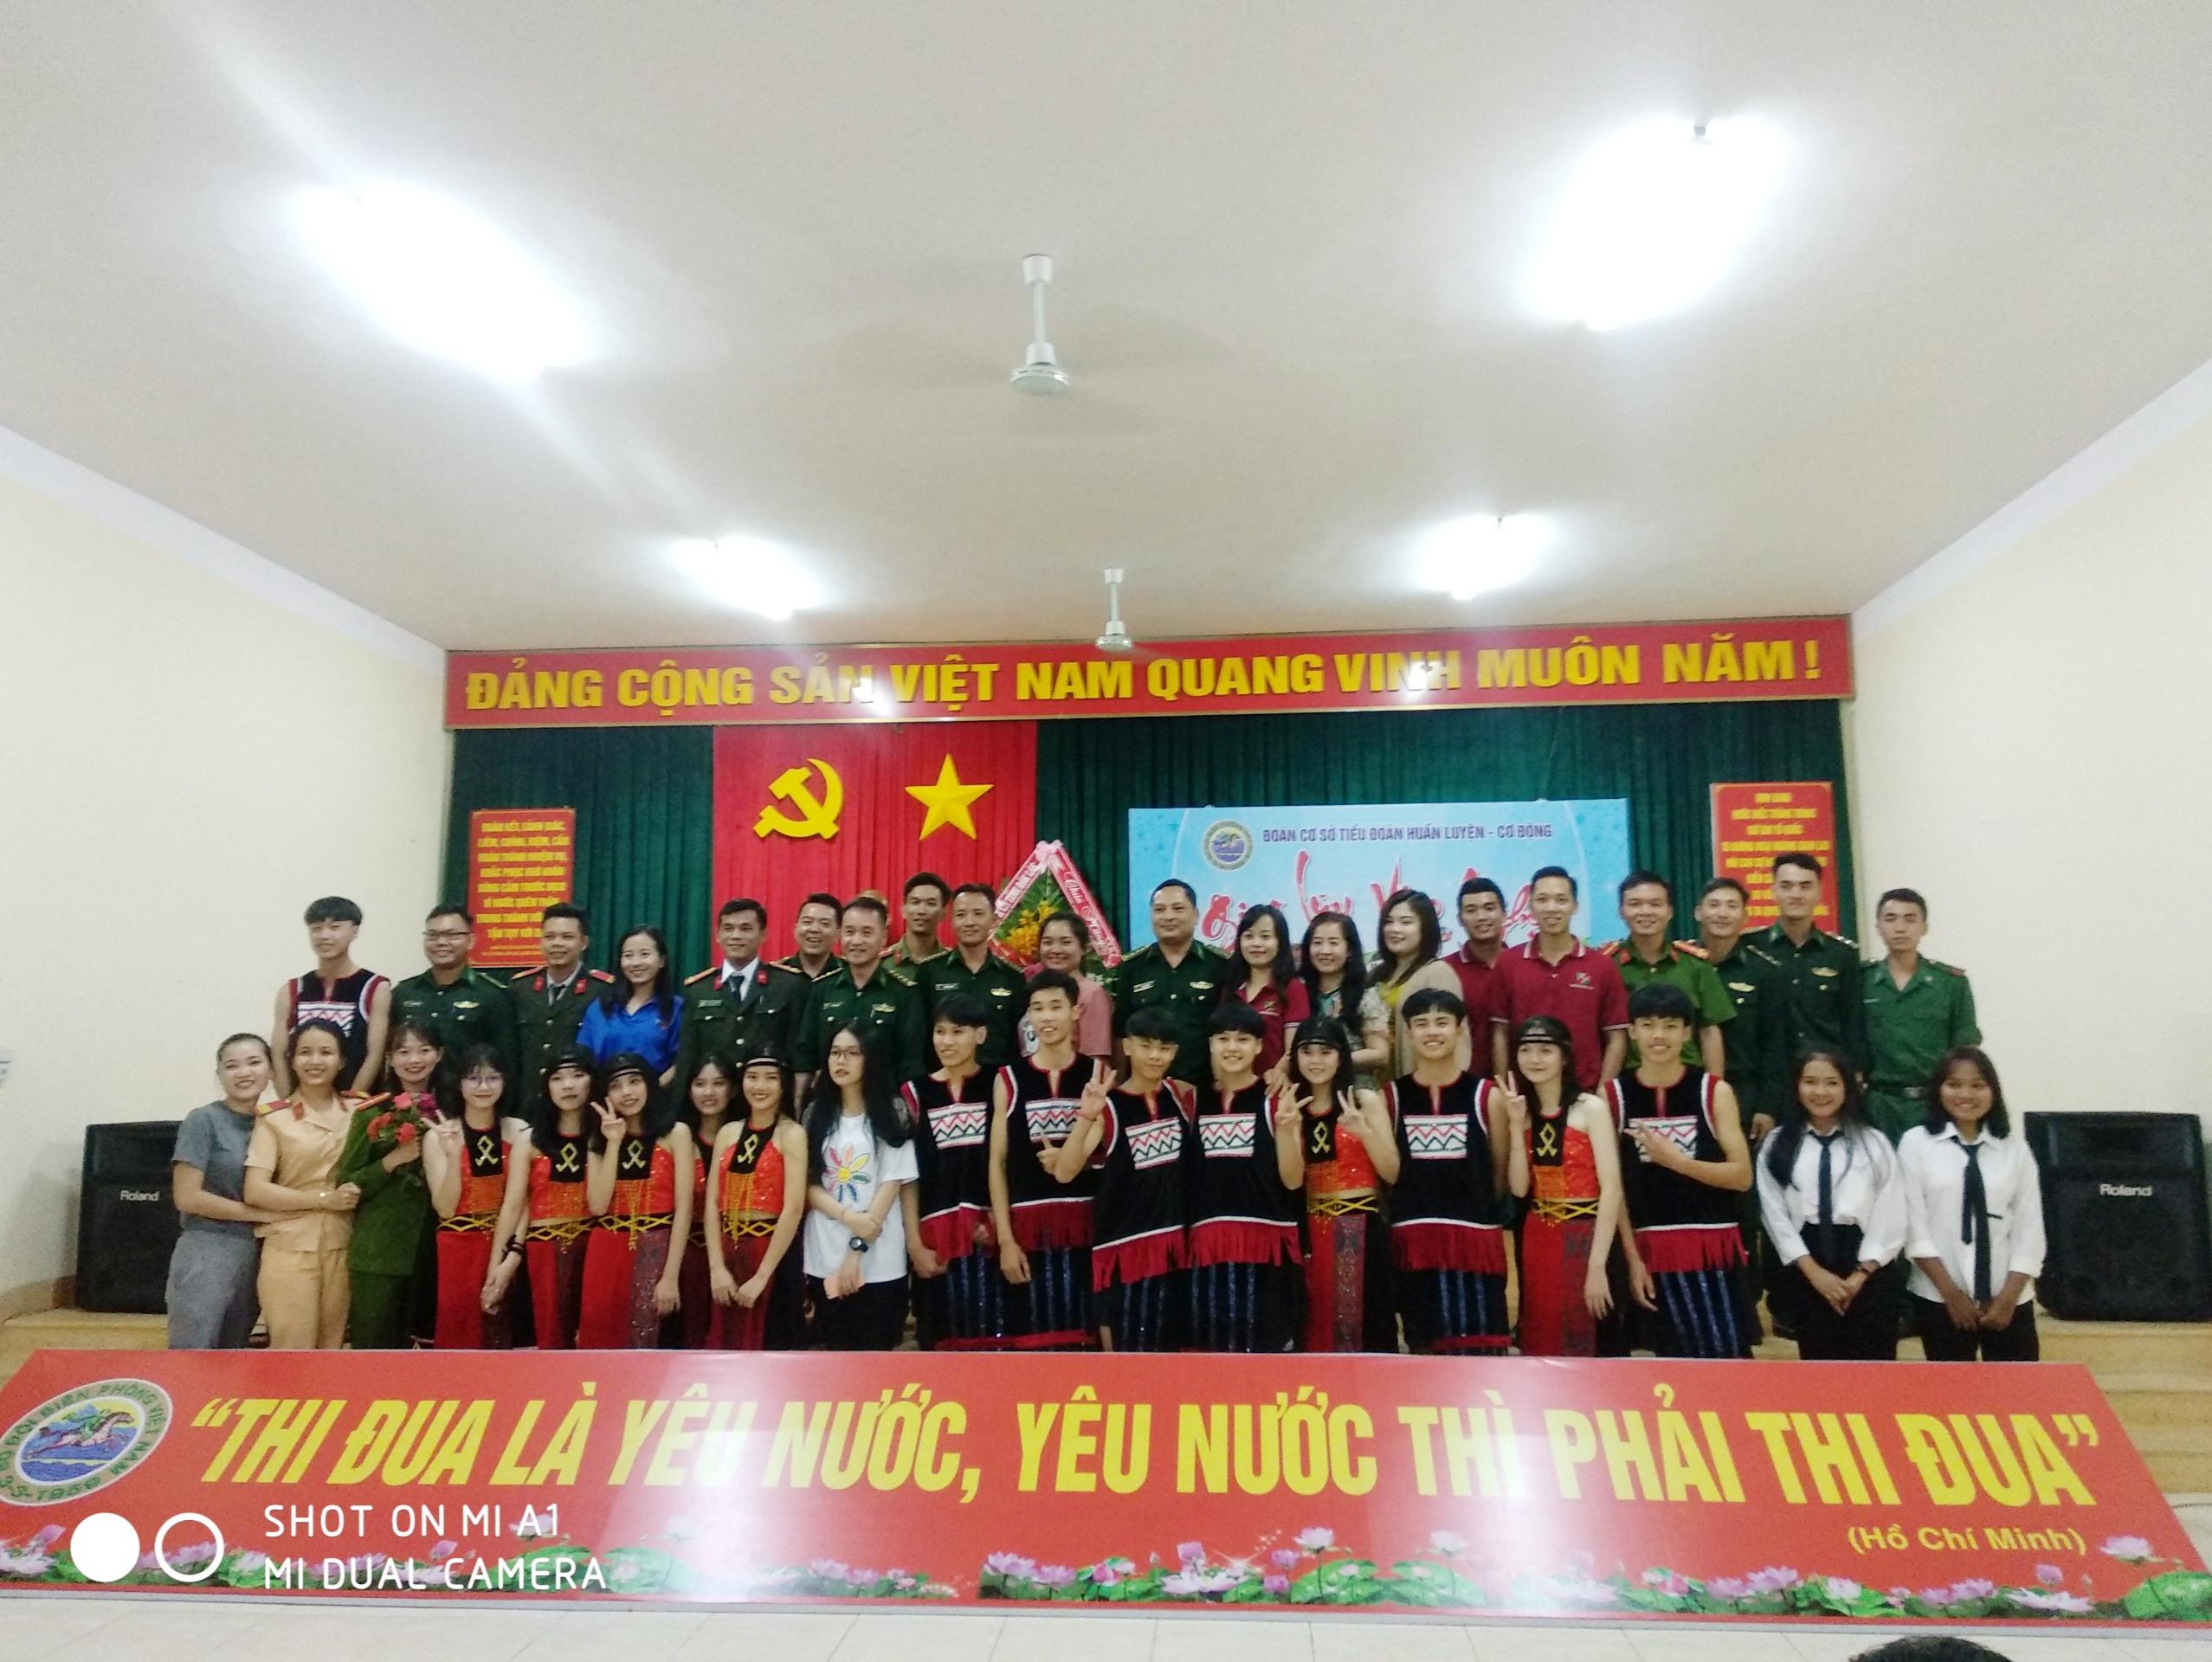 Agribank Đắk Lắk thăm, chúc mừng và giao lưu văn nghệ với Tiểu đoàn Huấn luyện cơ động,  Bộ đội Biên phòng - D19